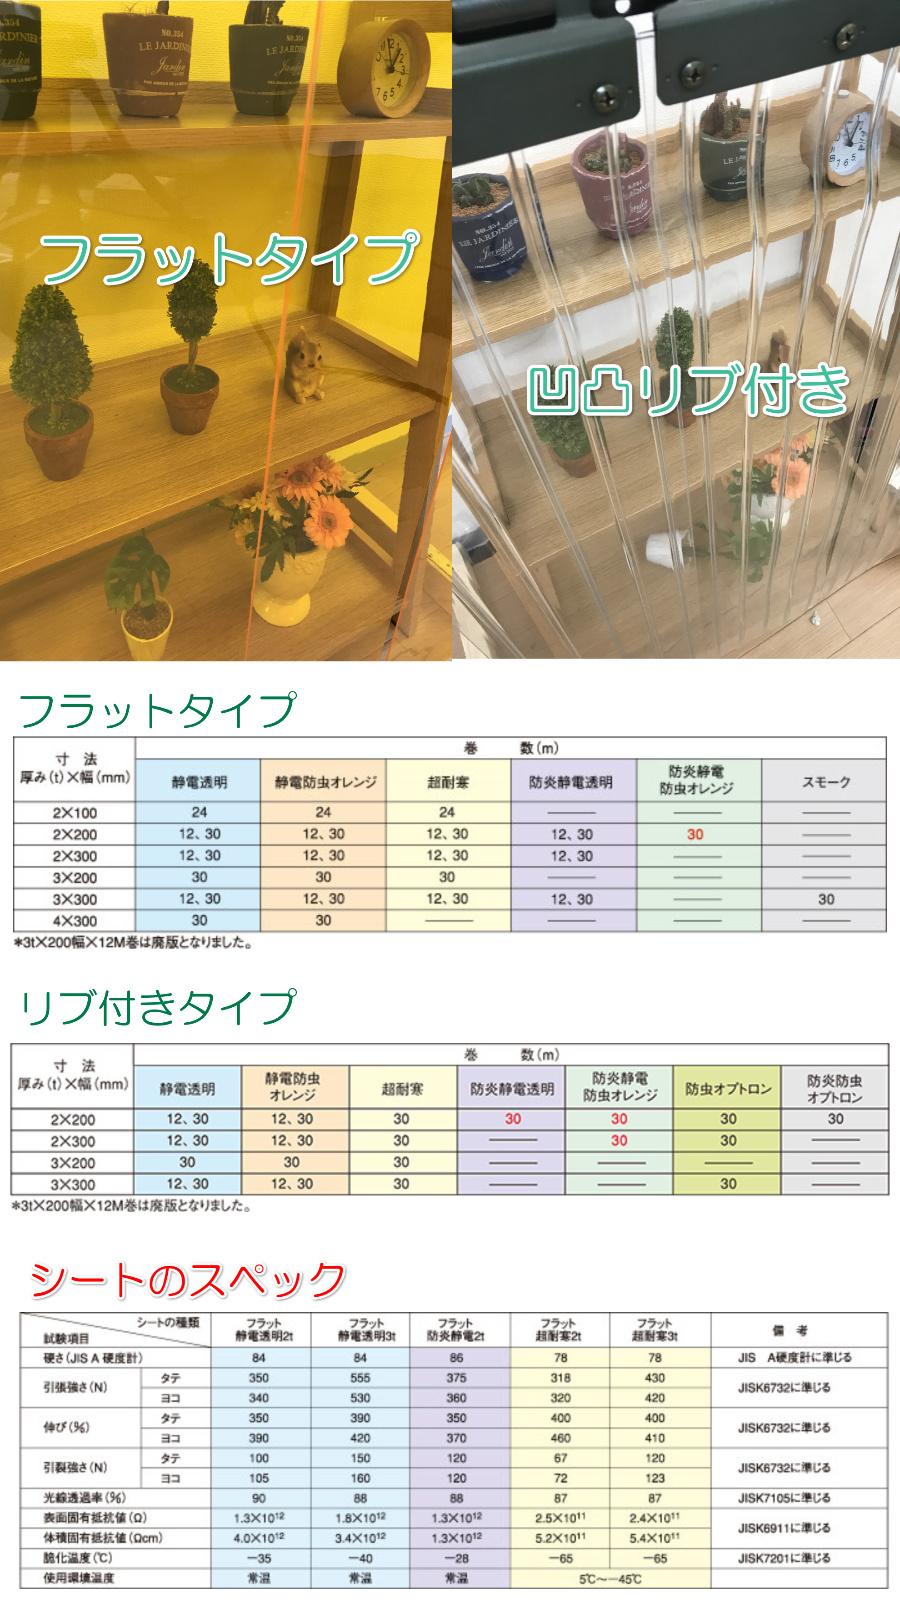 のれん式ビニールカーテン機能性